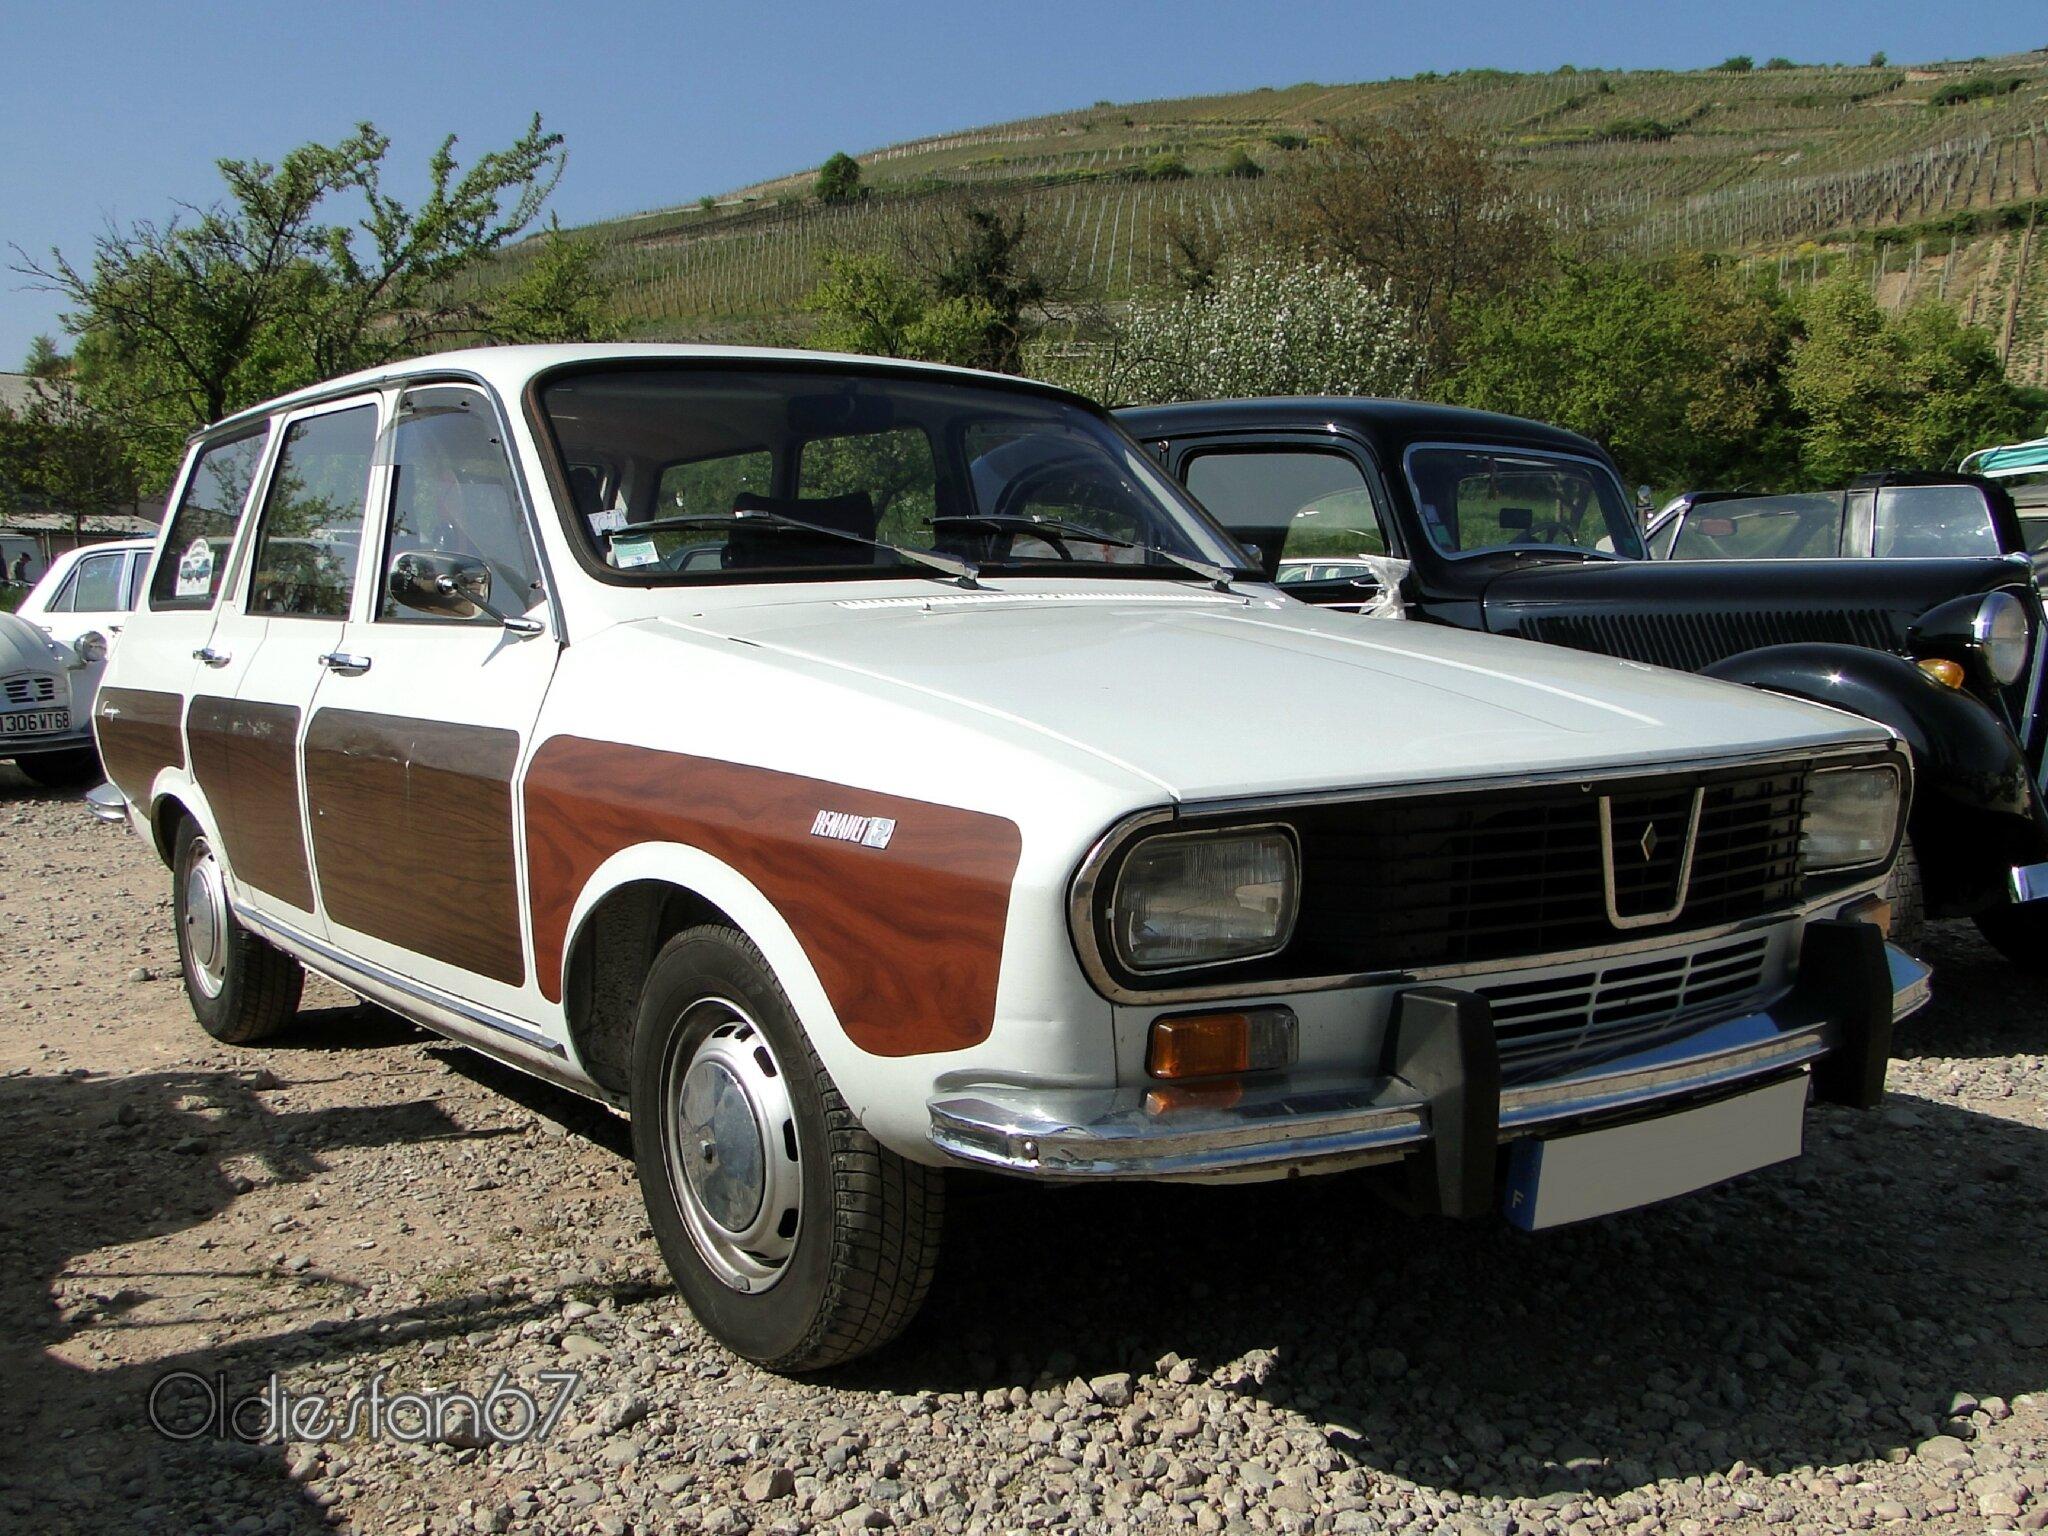 renault 12 break d co camargue s rie 1 1970 1975 oldiesfan67 mon blog auto. Black Bedroom Furniture Sets. Home Design Ideas